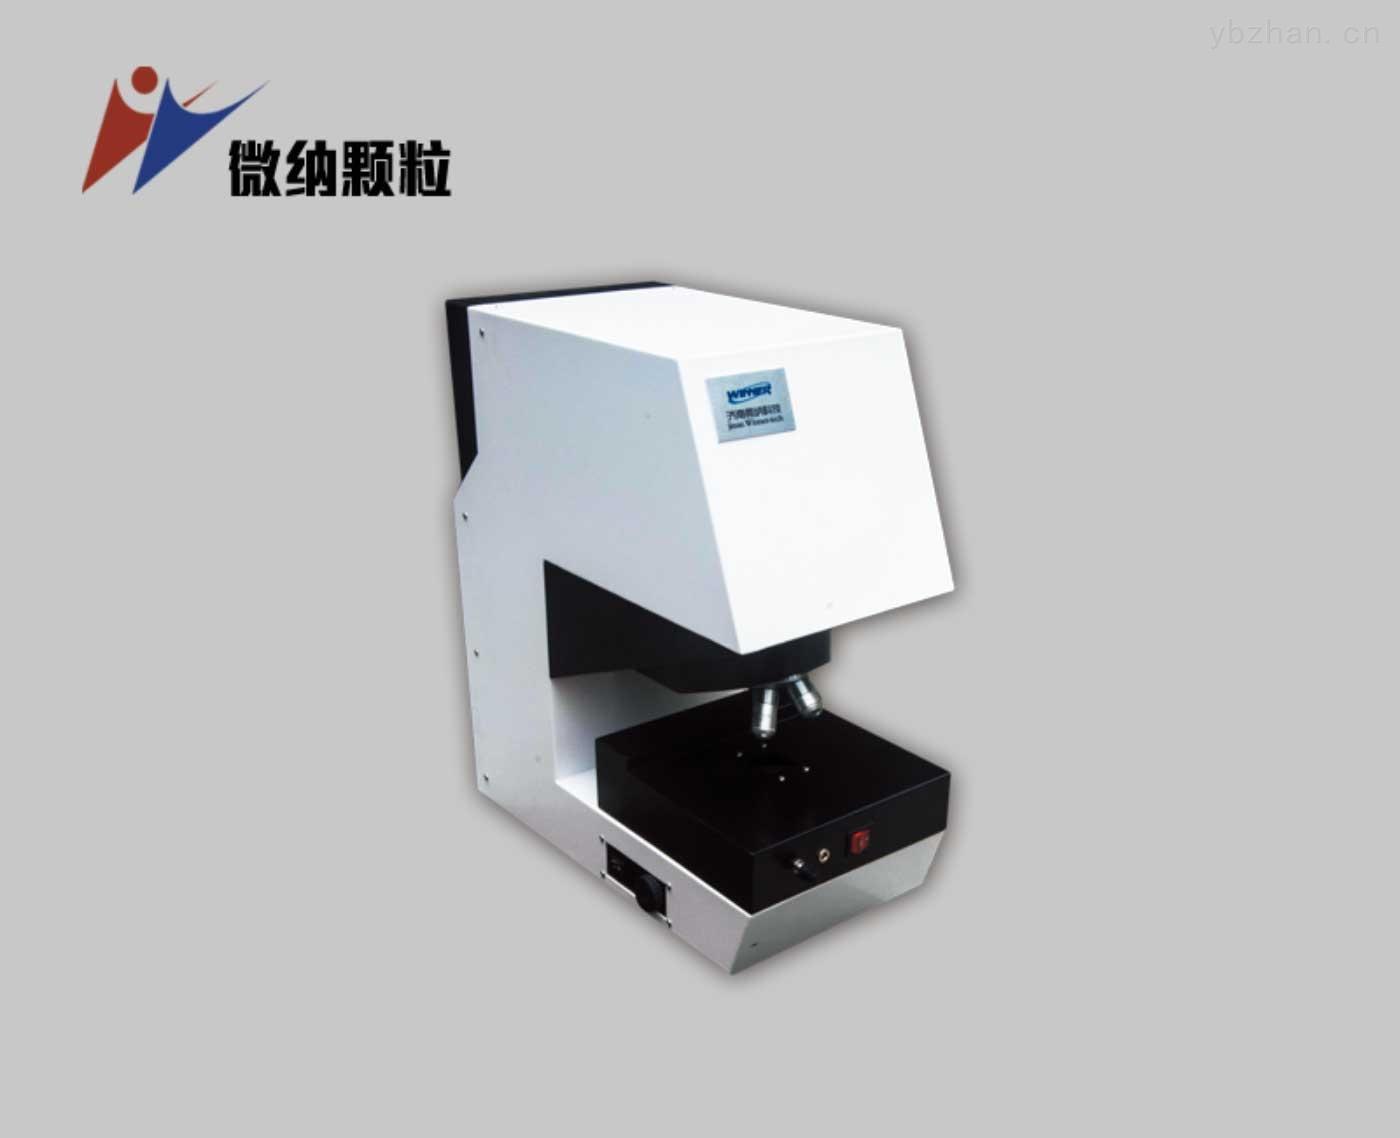 WINNER219全自動顆粒圖像儀/濟南微納顆粒圖像分析儀廠家